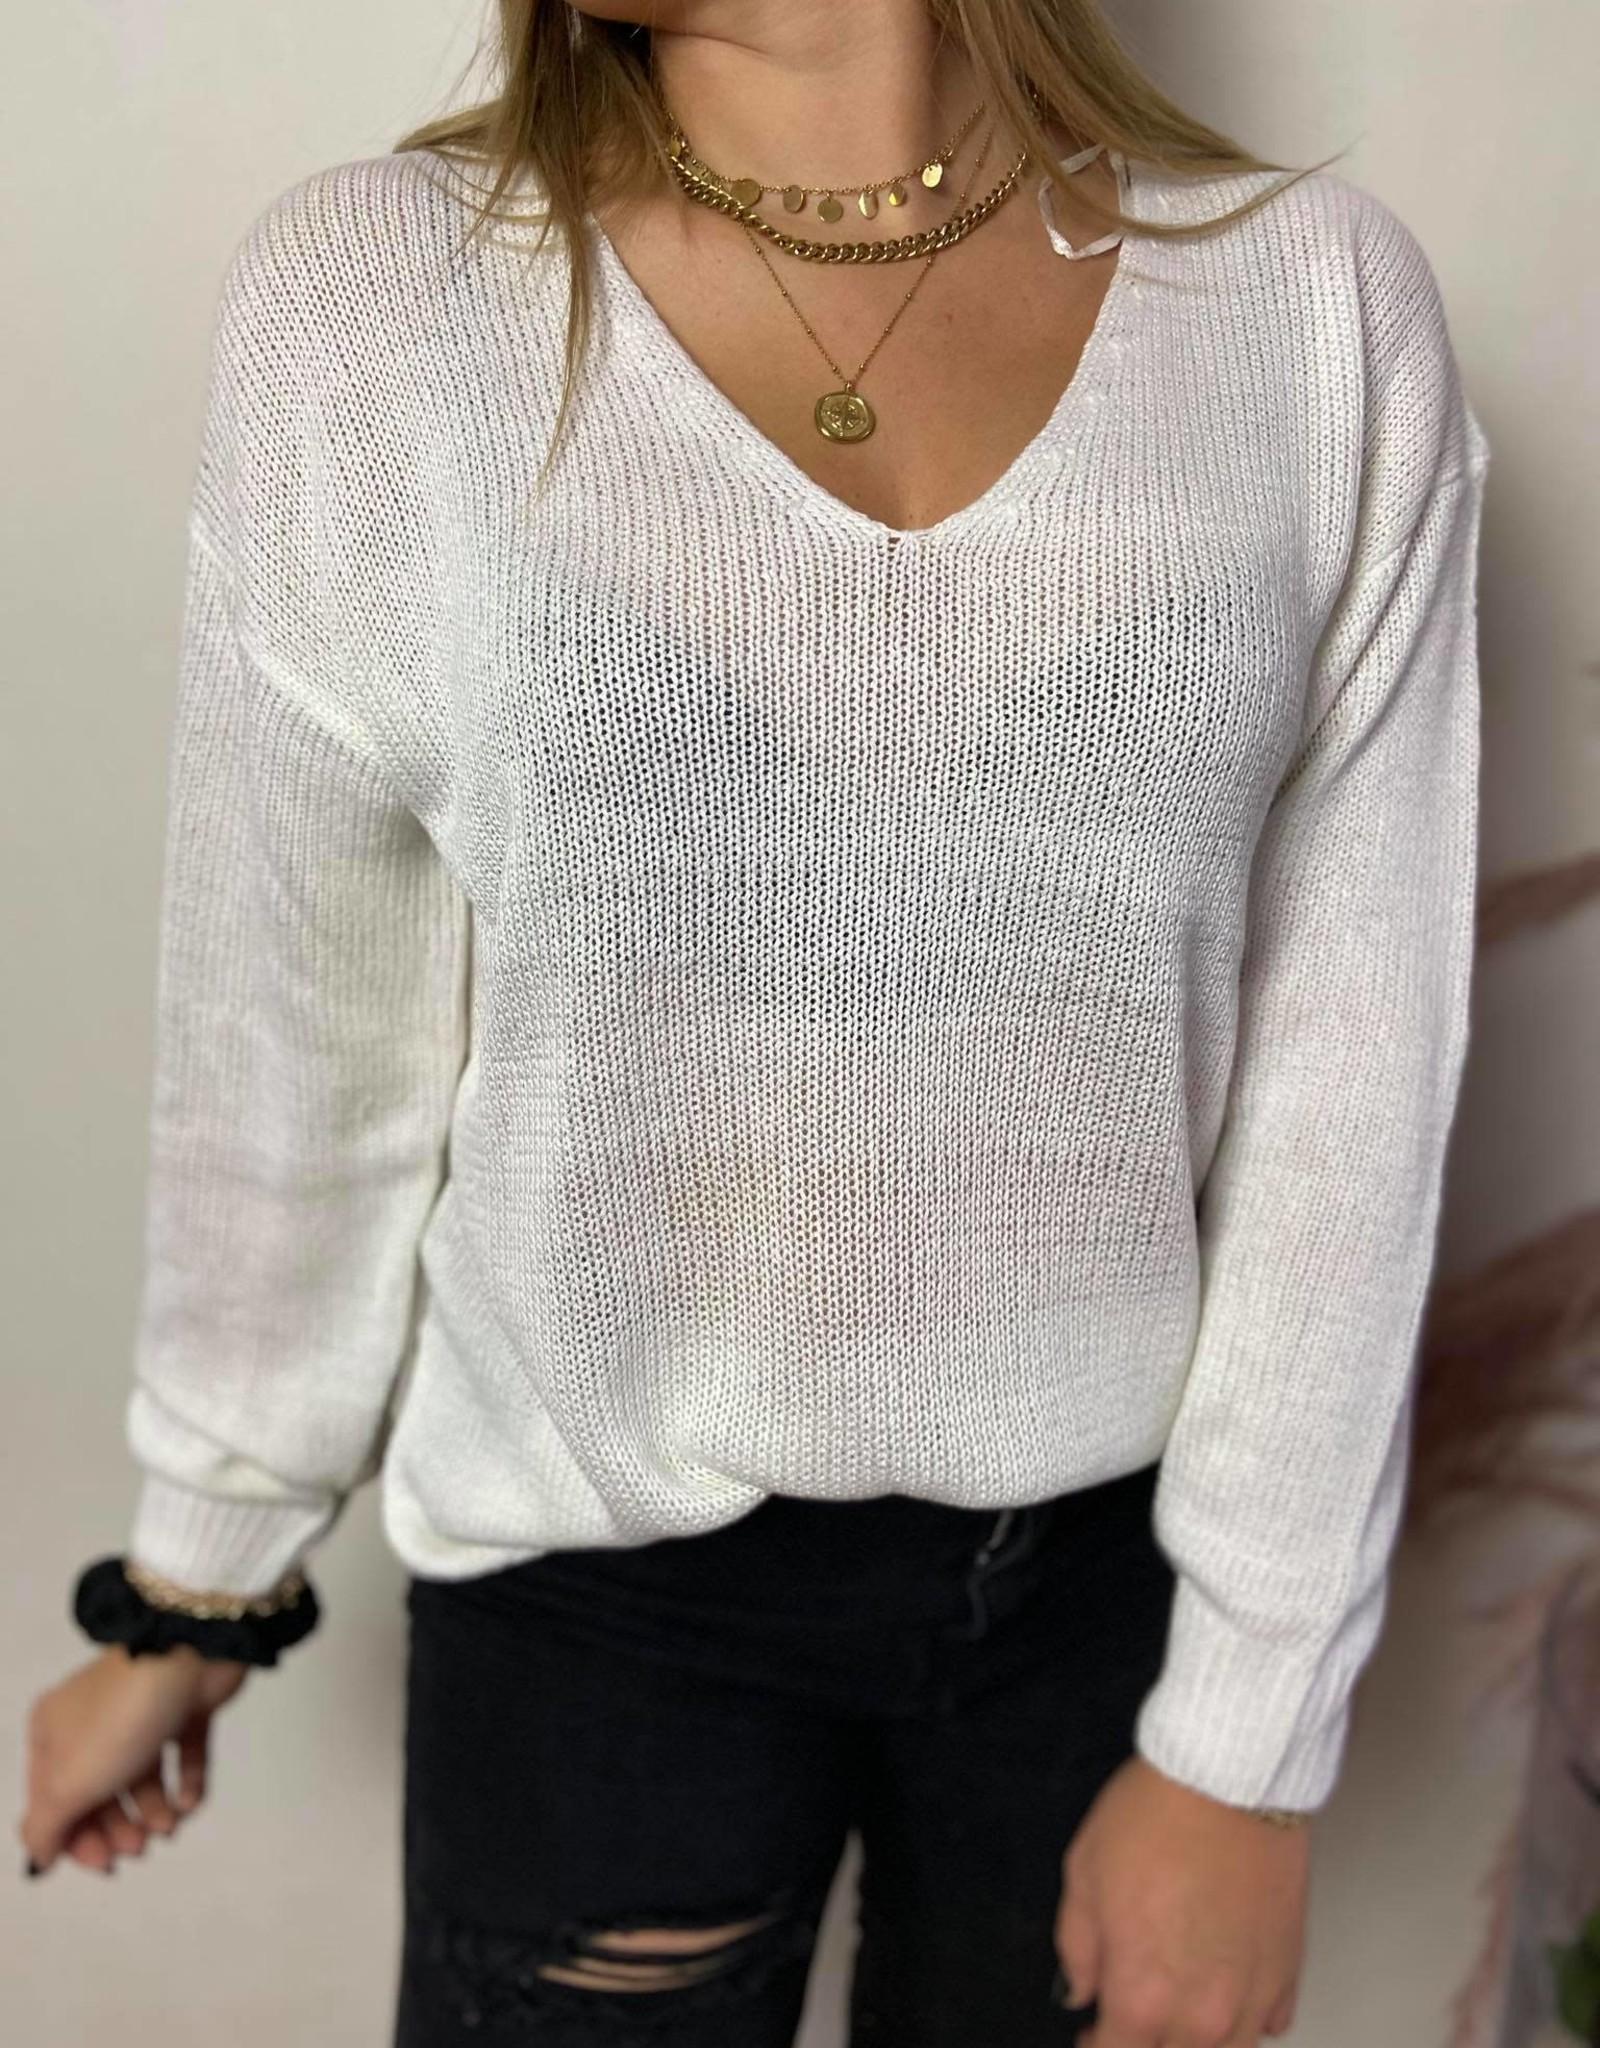 Cindy split knit white